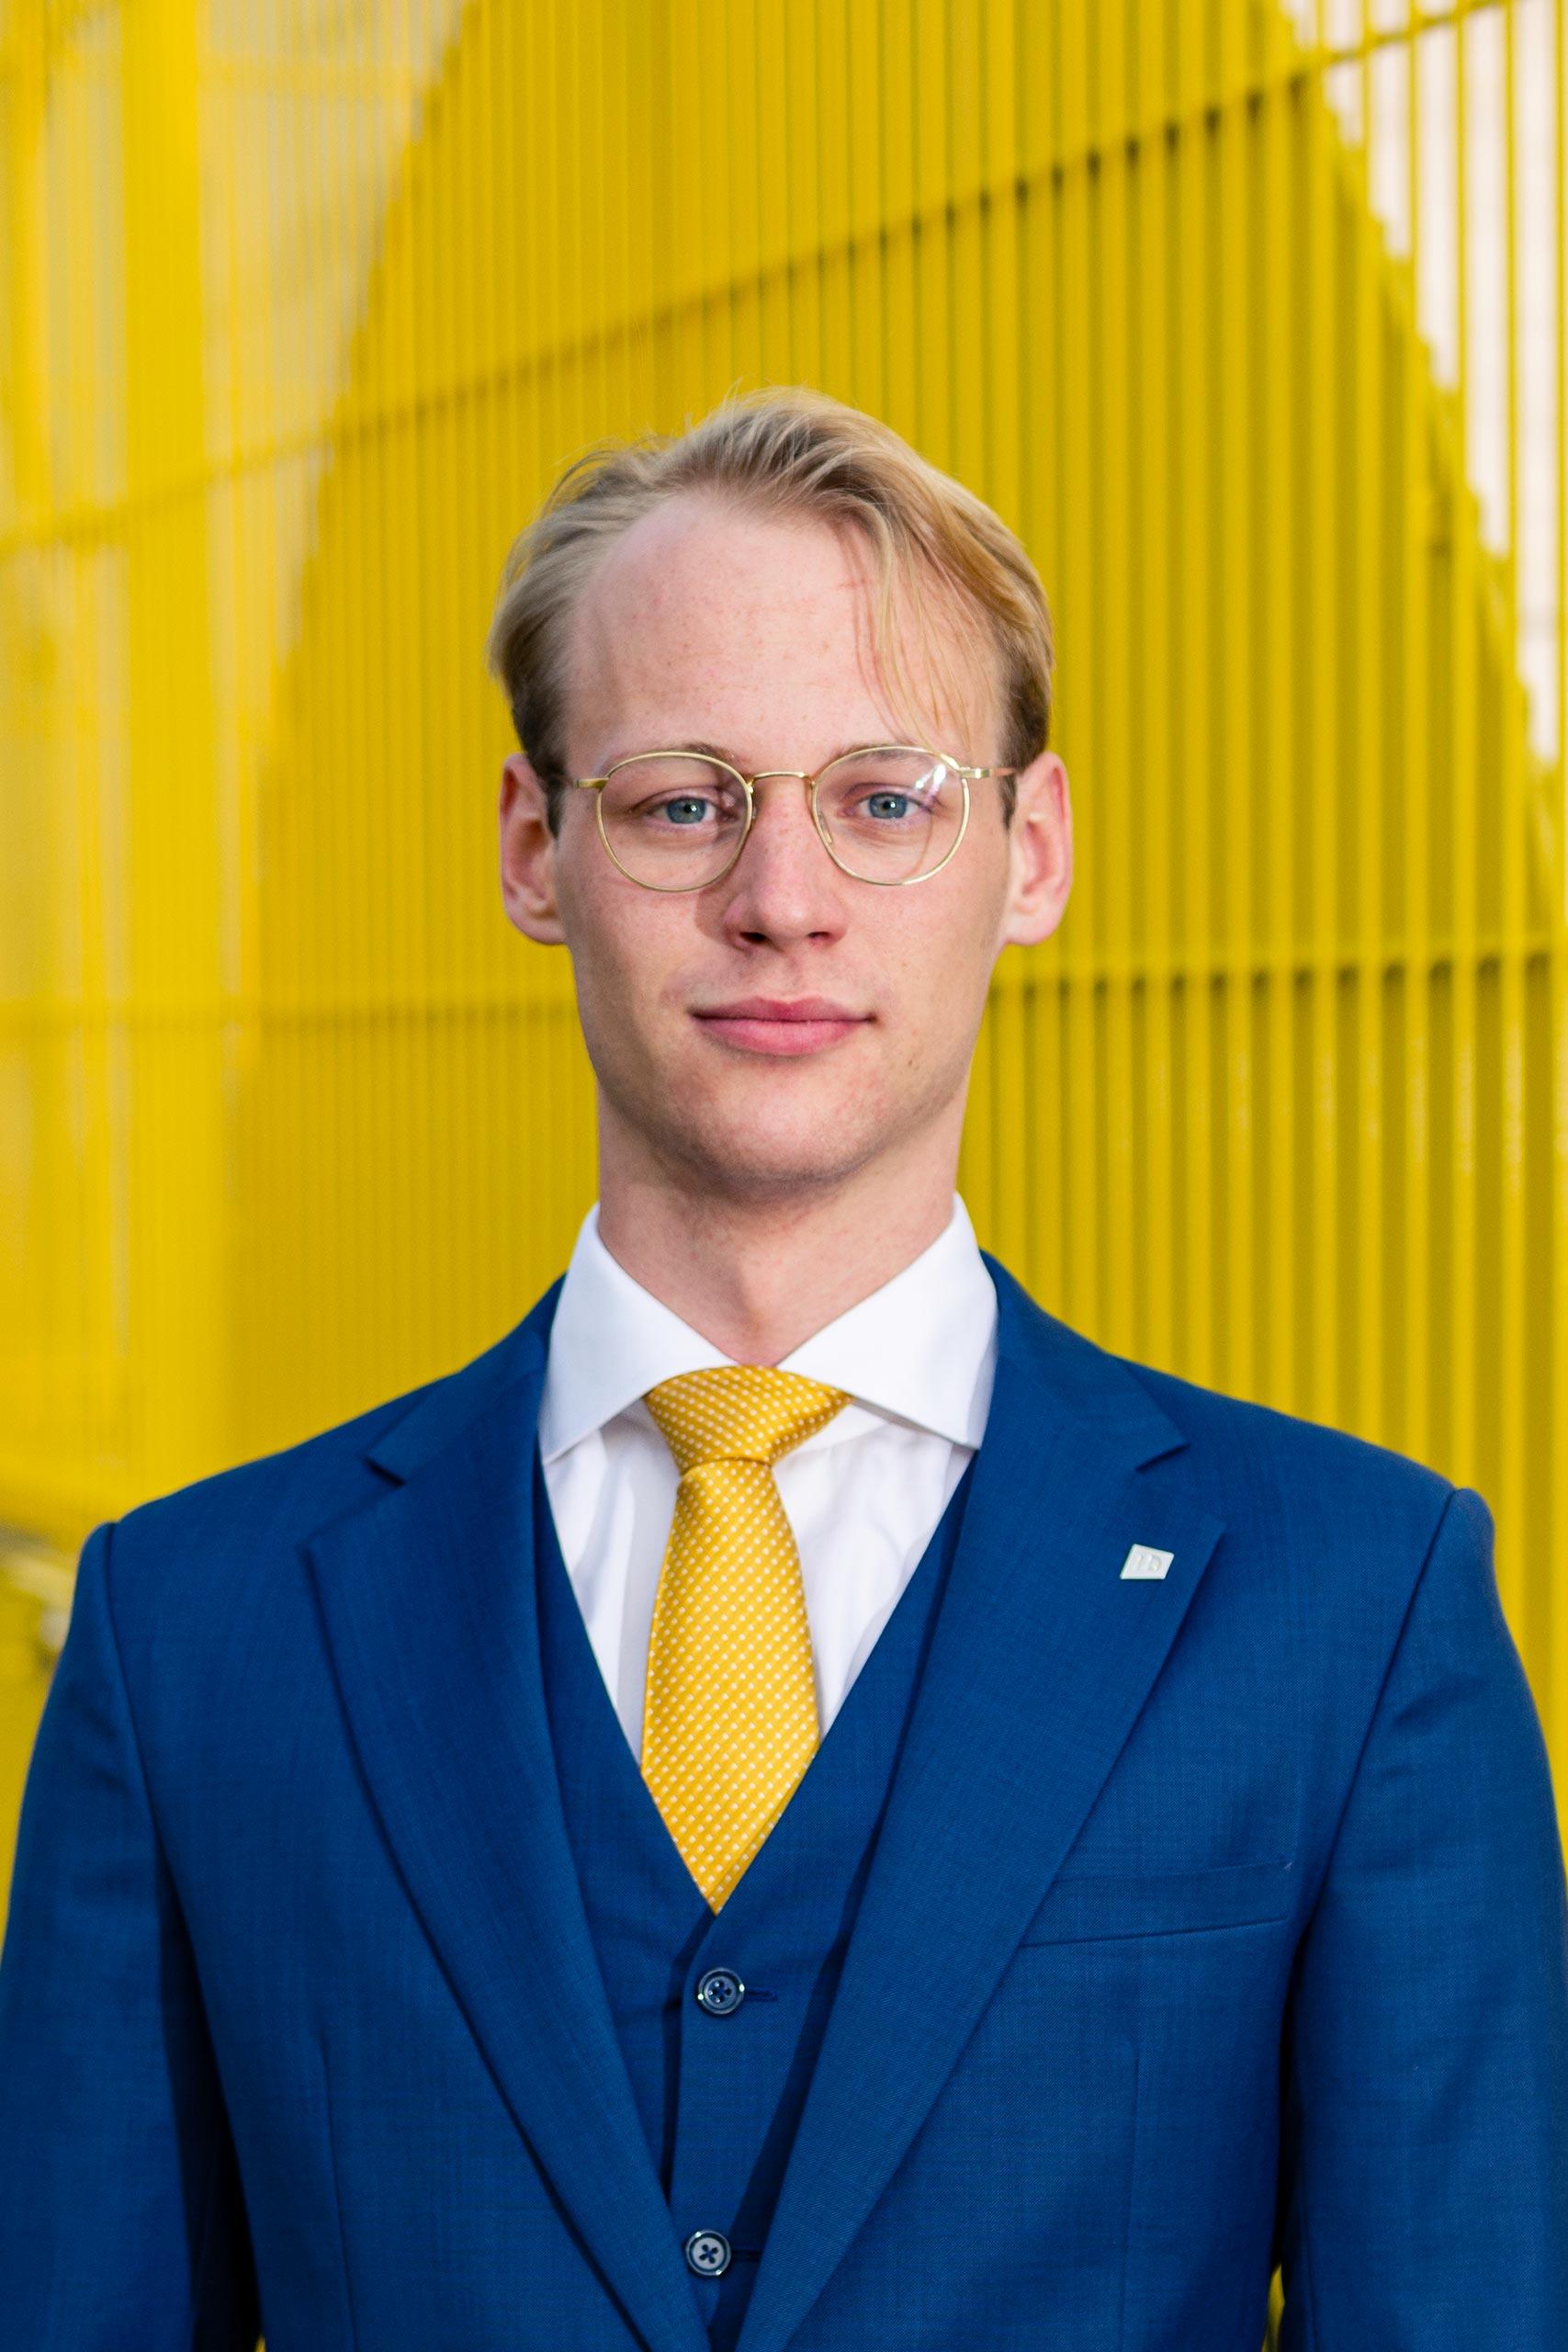 Portrait photo of Nils de Vrijer